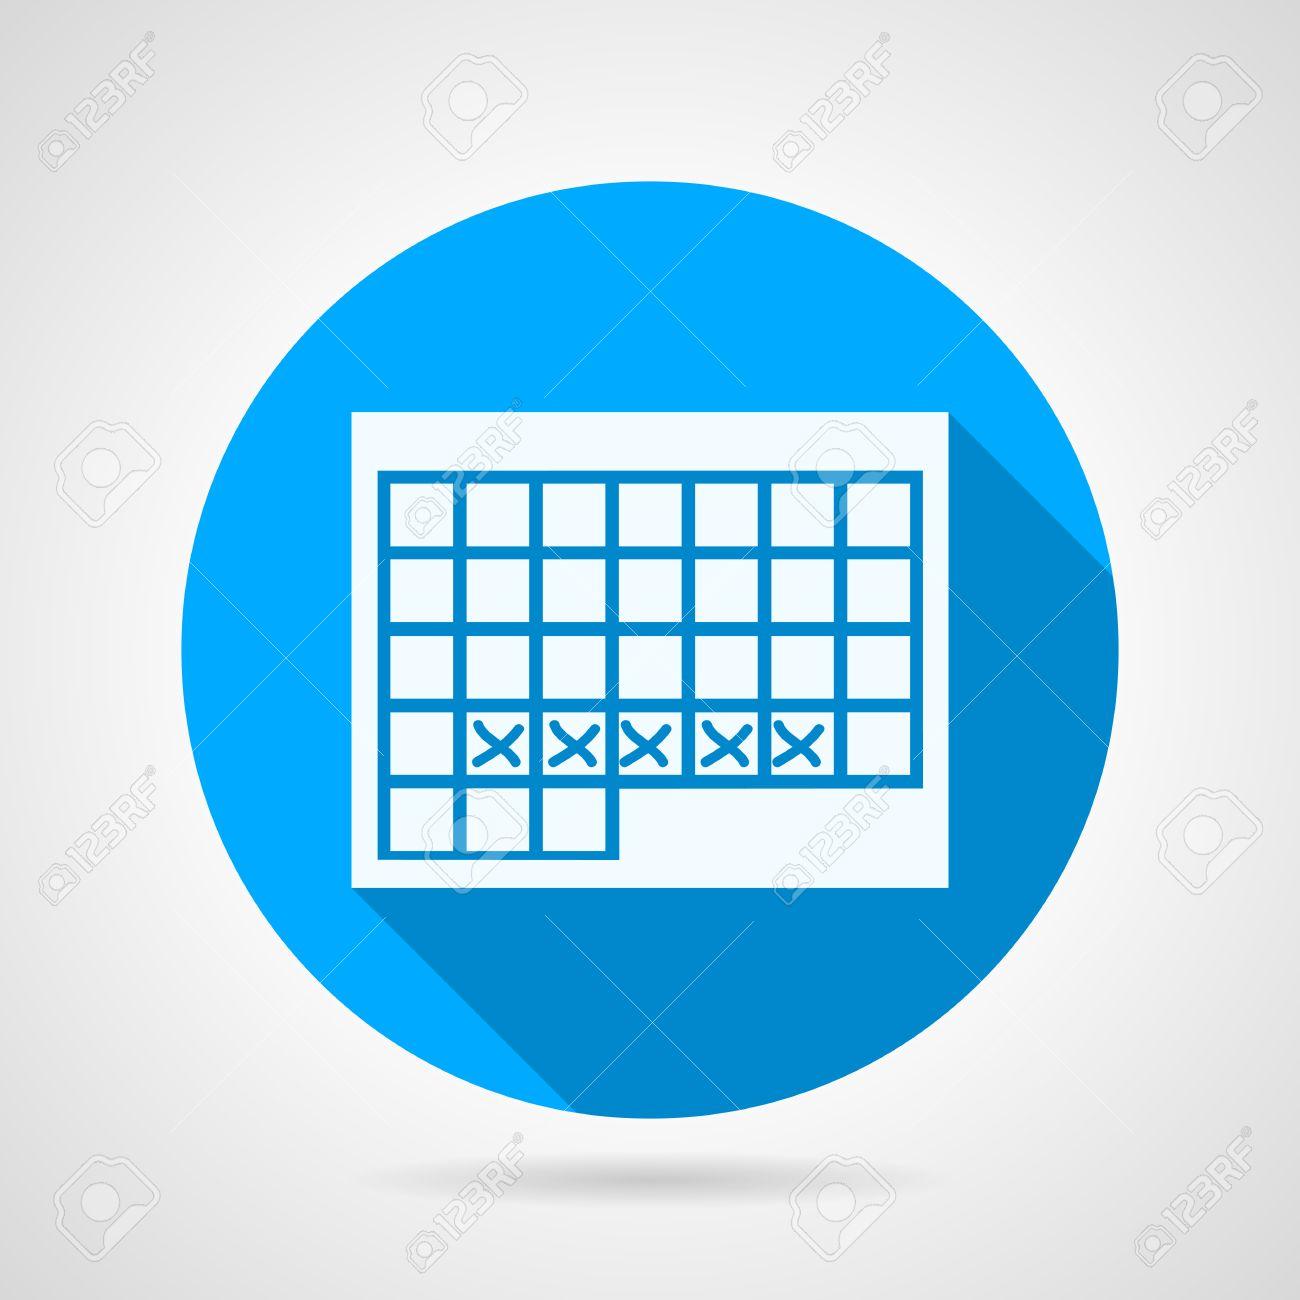 Calendario Vector Blanco.Piso Icono Azul Vector Ronda Con Blanco Calendario Silueta Para El Periodo Menstrual En El Fondo Gris Diseno Larga Sombra